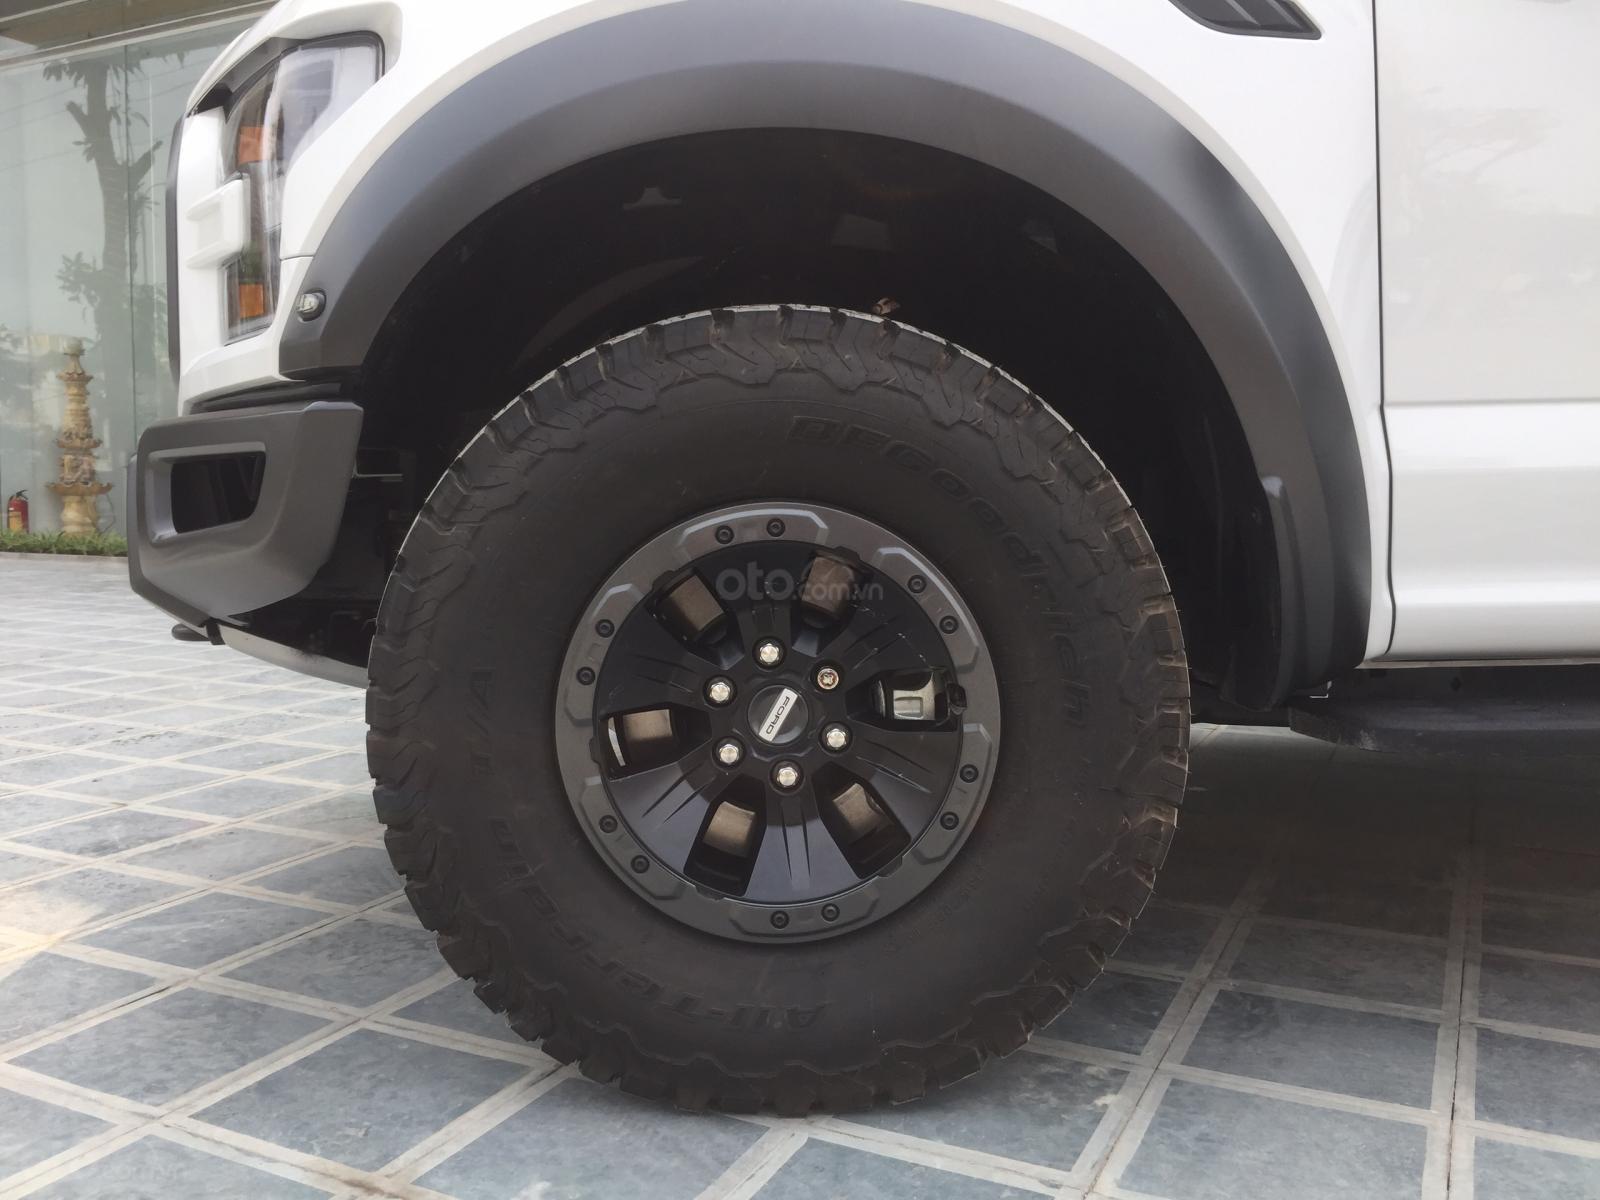 Bán siêu bán tải Ford F150 Raptor sản xuất 2020, LH Ms Hương giá tốt, giao ngay toàn quốc (14)